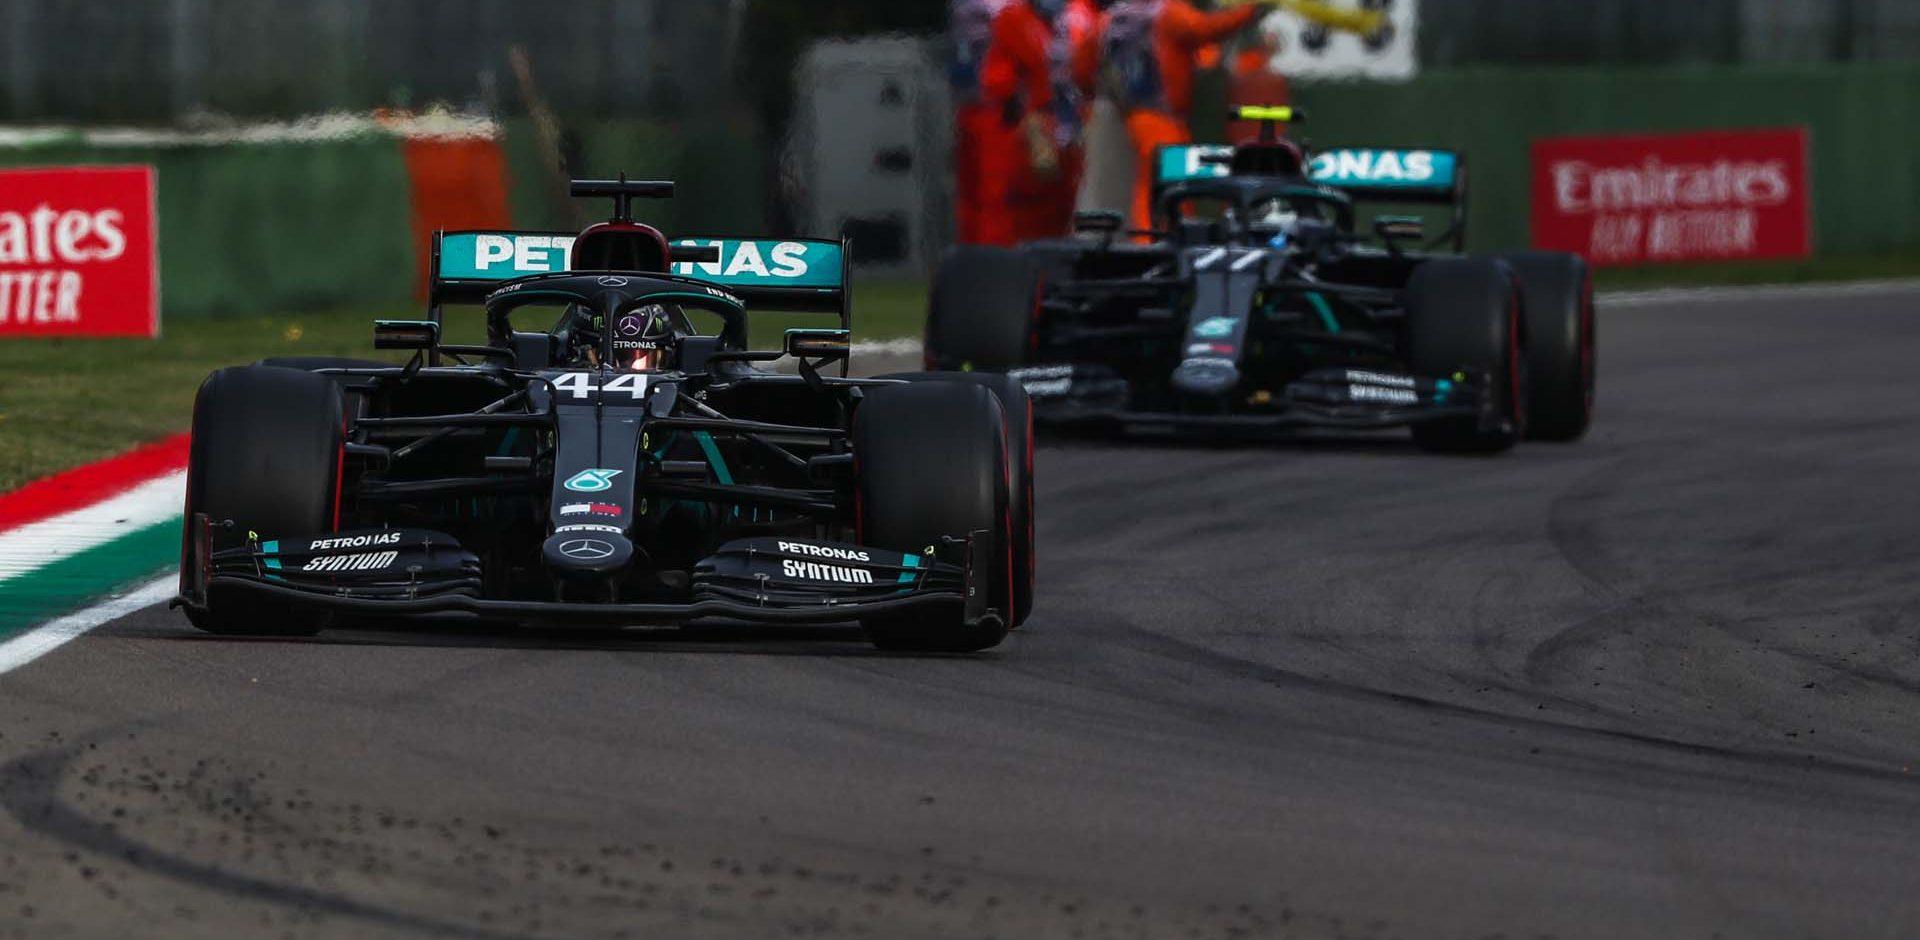 2020 Emilia Romagna Grand Prix, Sunday - LAT images Lewis Hamilton Valtteri Bottas Mercedes